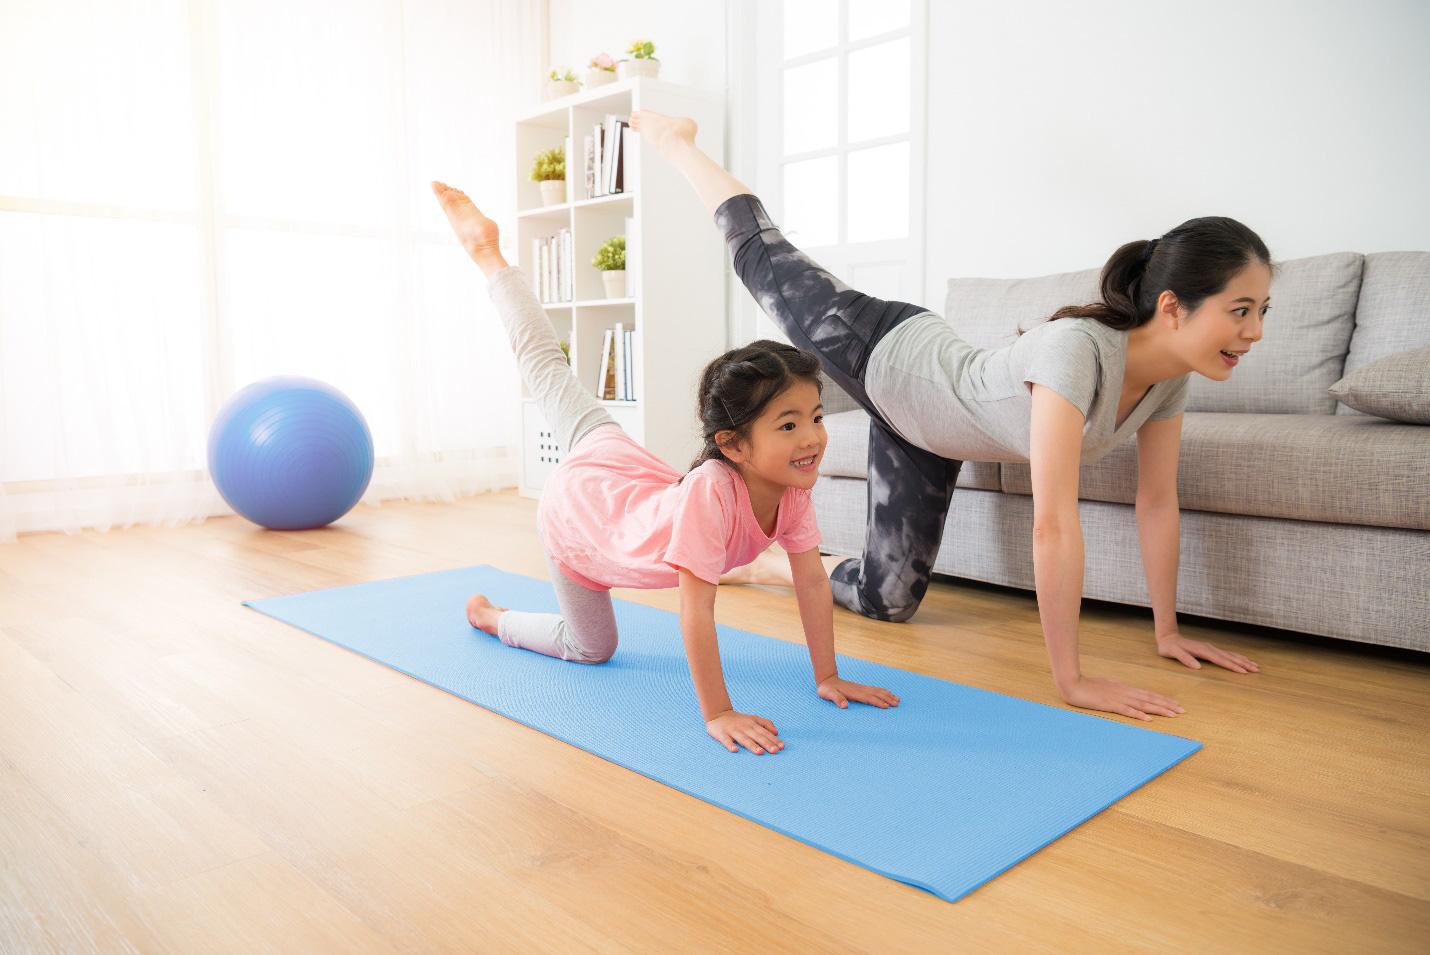 Bs. Trương Hữu Khanh chỉ cách giữ tinh thần lạc quan và dinh dưỡng cân bằng để an toàn vượt qua dịch bệnh - Ảnh 2.